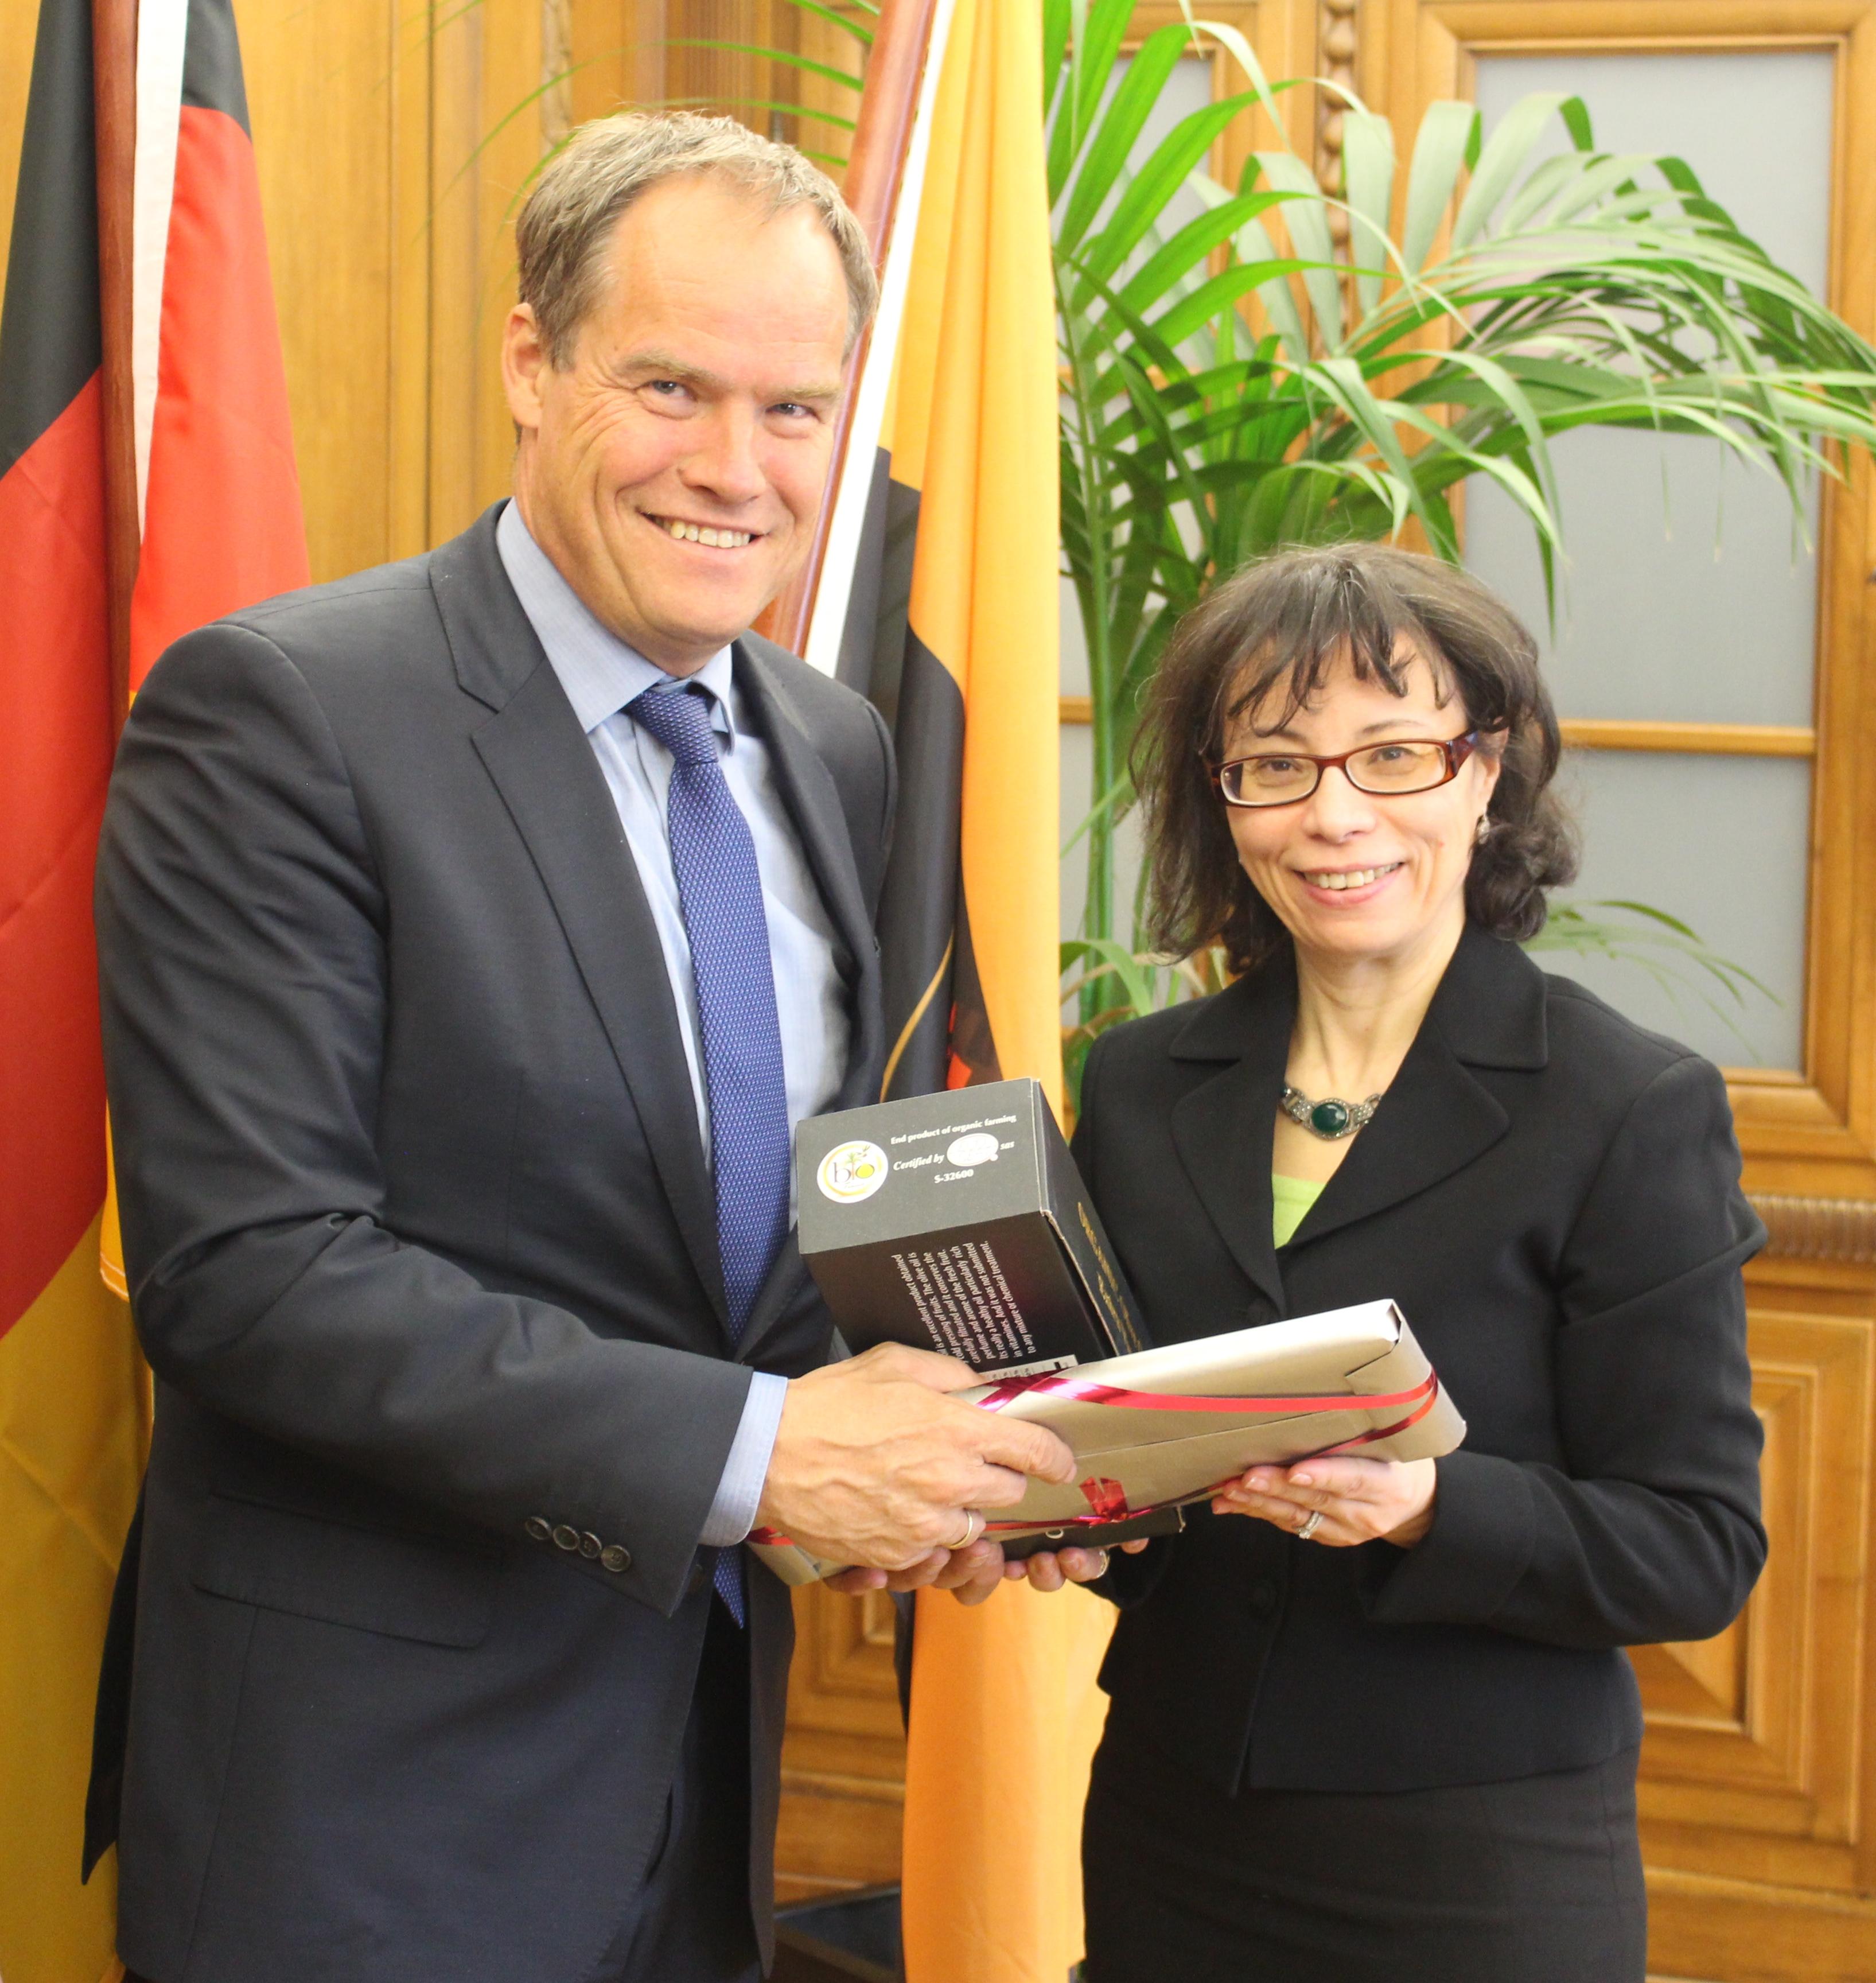 Heidelbergs Oberbürgermeister Prof. Dr. Eckart Würzner empfing Soumaya Zoraï Chaâbani, Konsulin der Republik Tunesien, im Rathaus. Foto: Stadt Heidelberg